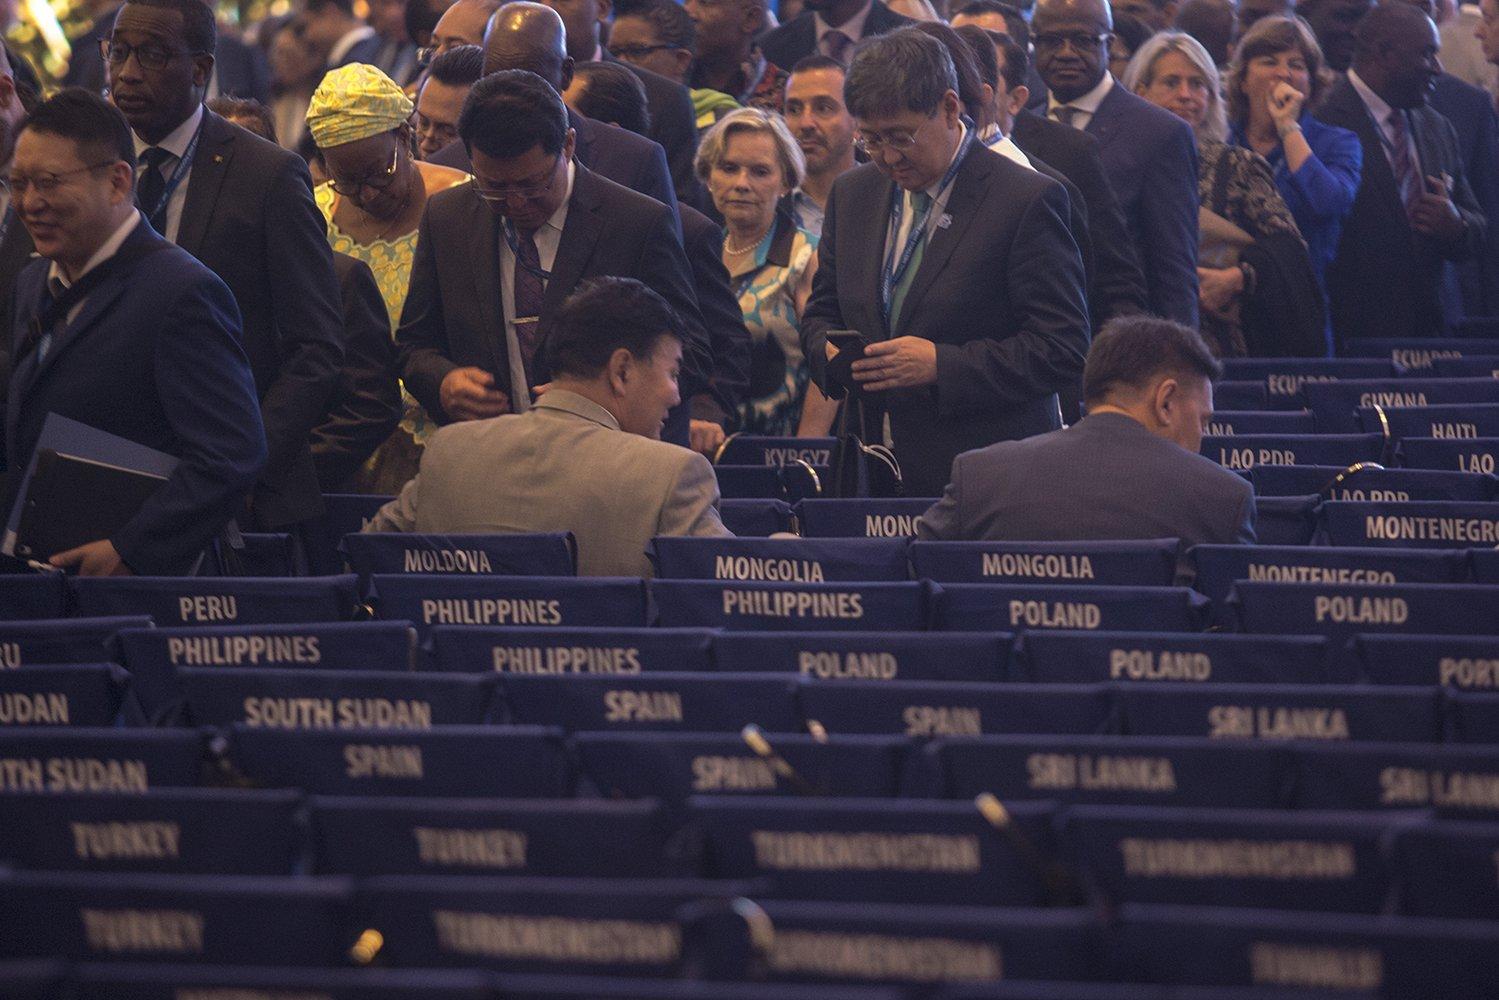 Indonesia memperjuangkan tema prioritas di bidang keuangan dalam pertemuan IMF-World Bank, mengena ekonomi digital. Pembahasan antara lain akan berkisar kepada bagaimana ekonomi digital dapat dilakukan untuk pembiayaan UMKM serta teknologi finansial. Selain itu, akan dibahas pula mengenai bagaimana pengaruh ekonomi digital bagi bank sentral,